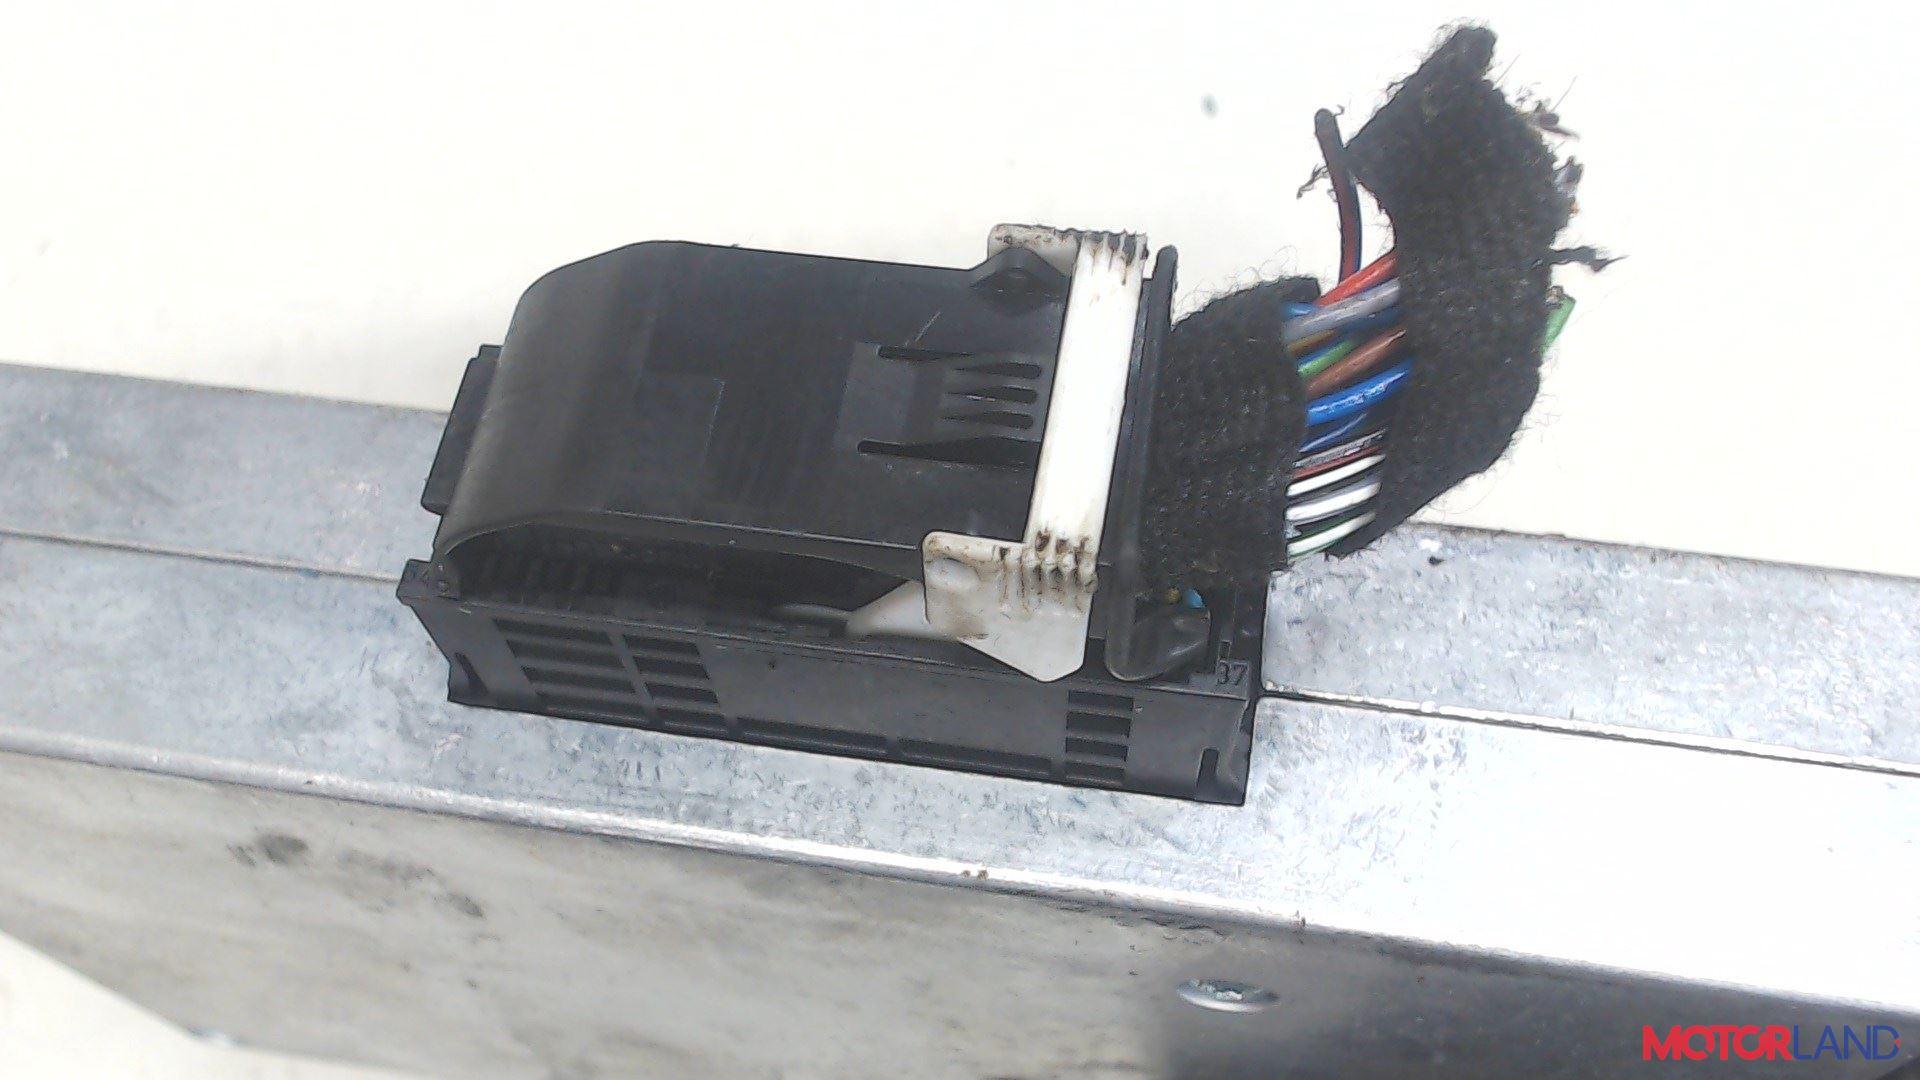 Блок управления (ЭБУ) Audi A6 (C6) 2005-2011 2.4 л. 2005 BDW б/у #3